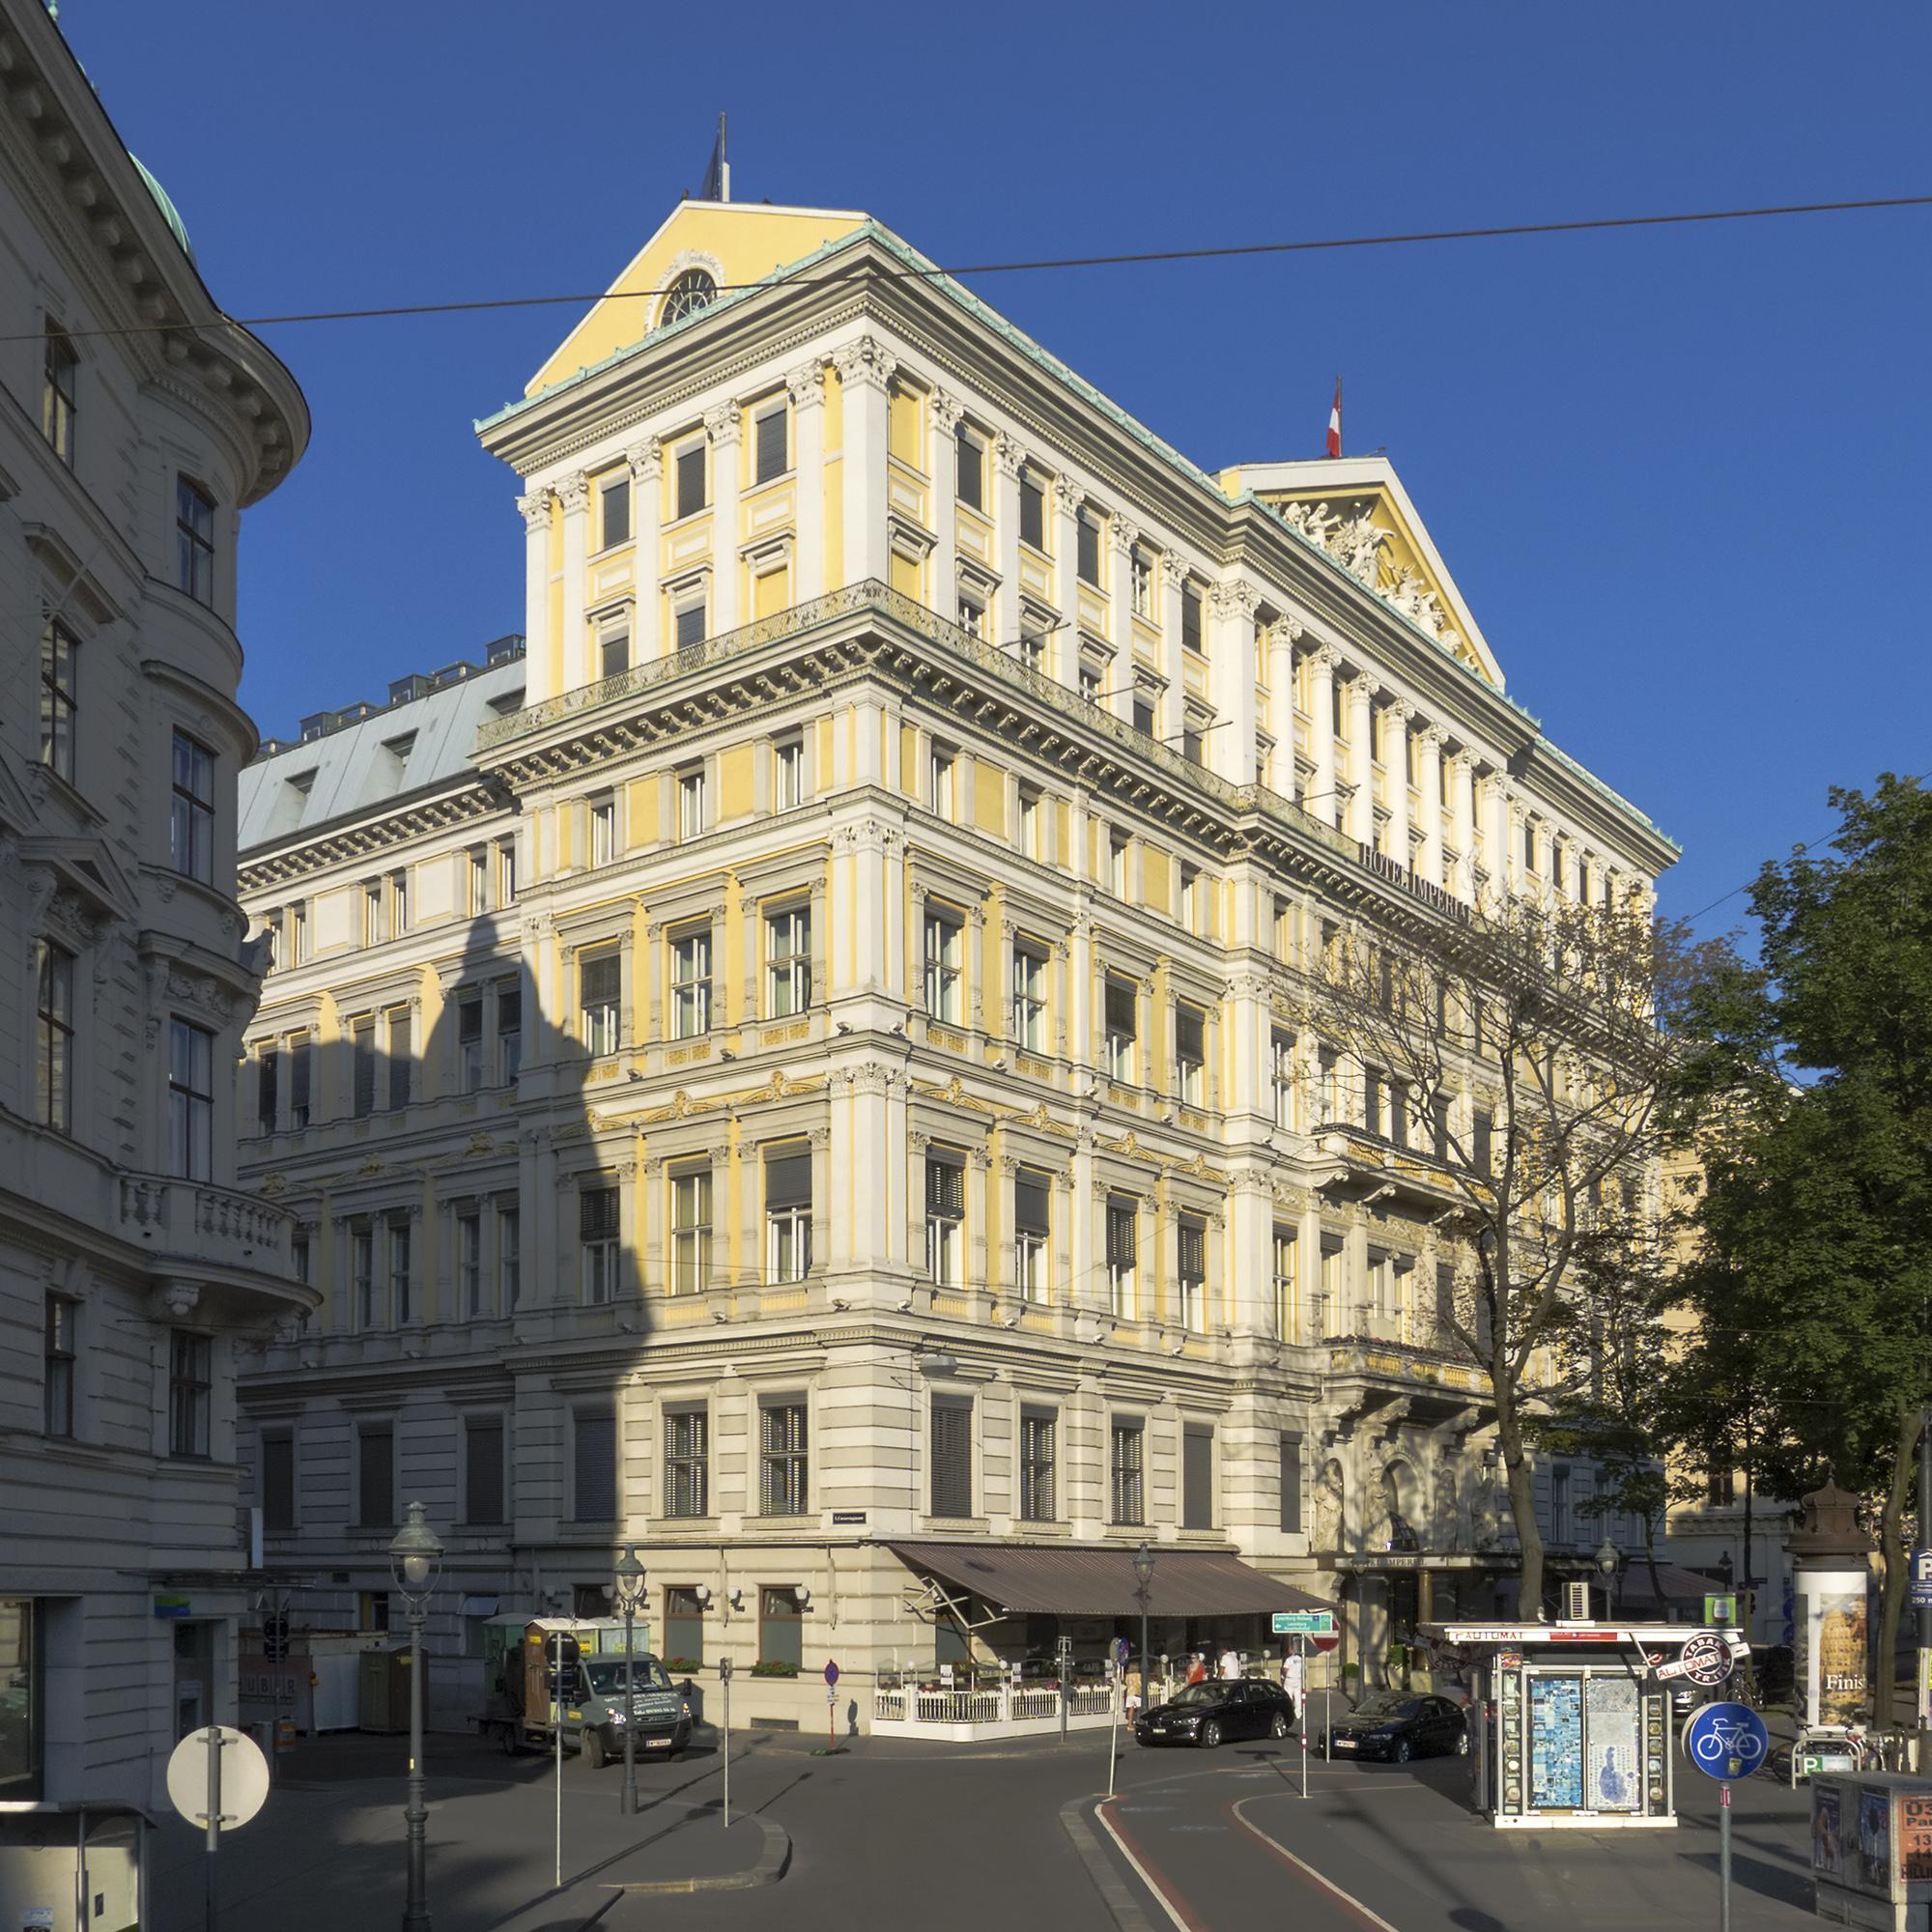 Hotel De Wien